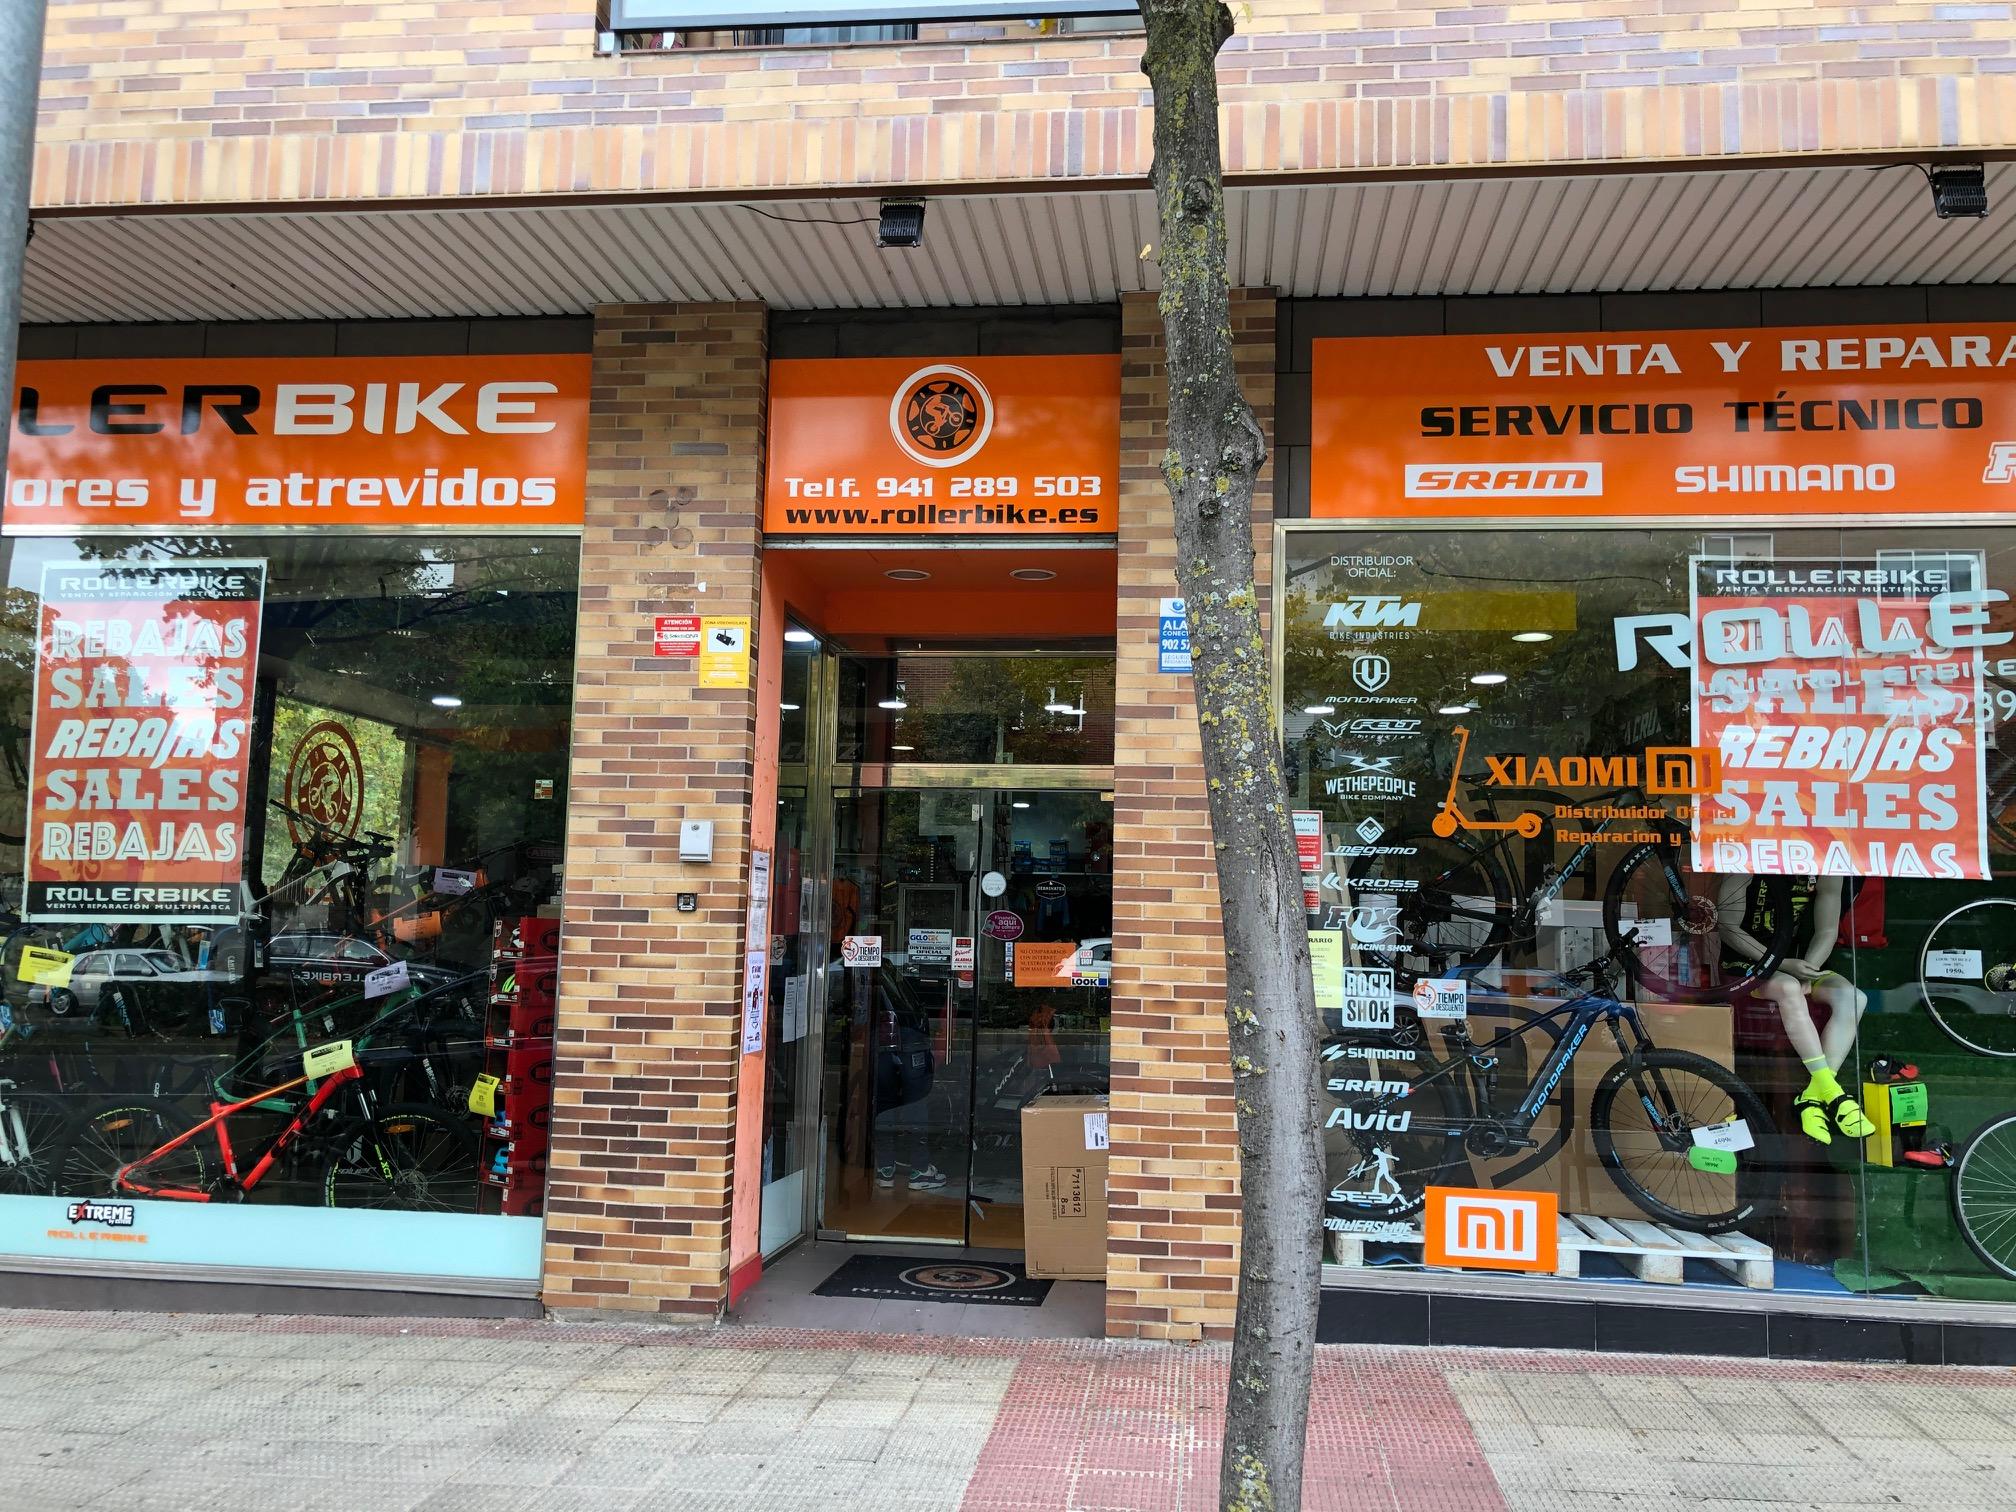 tienda en rebajas ofertas complementos ciclismo